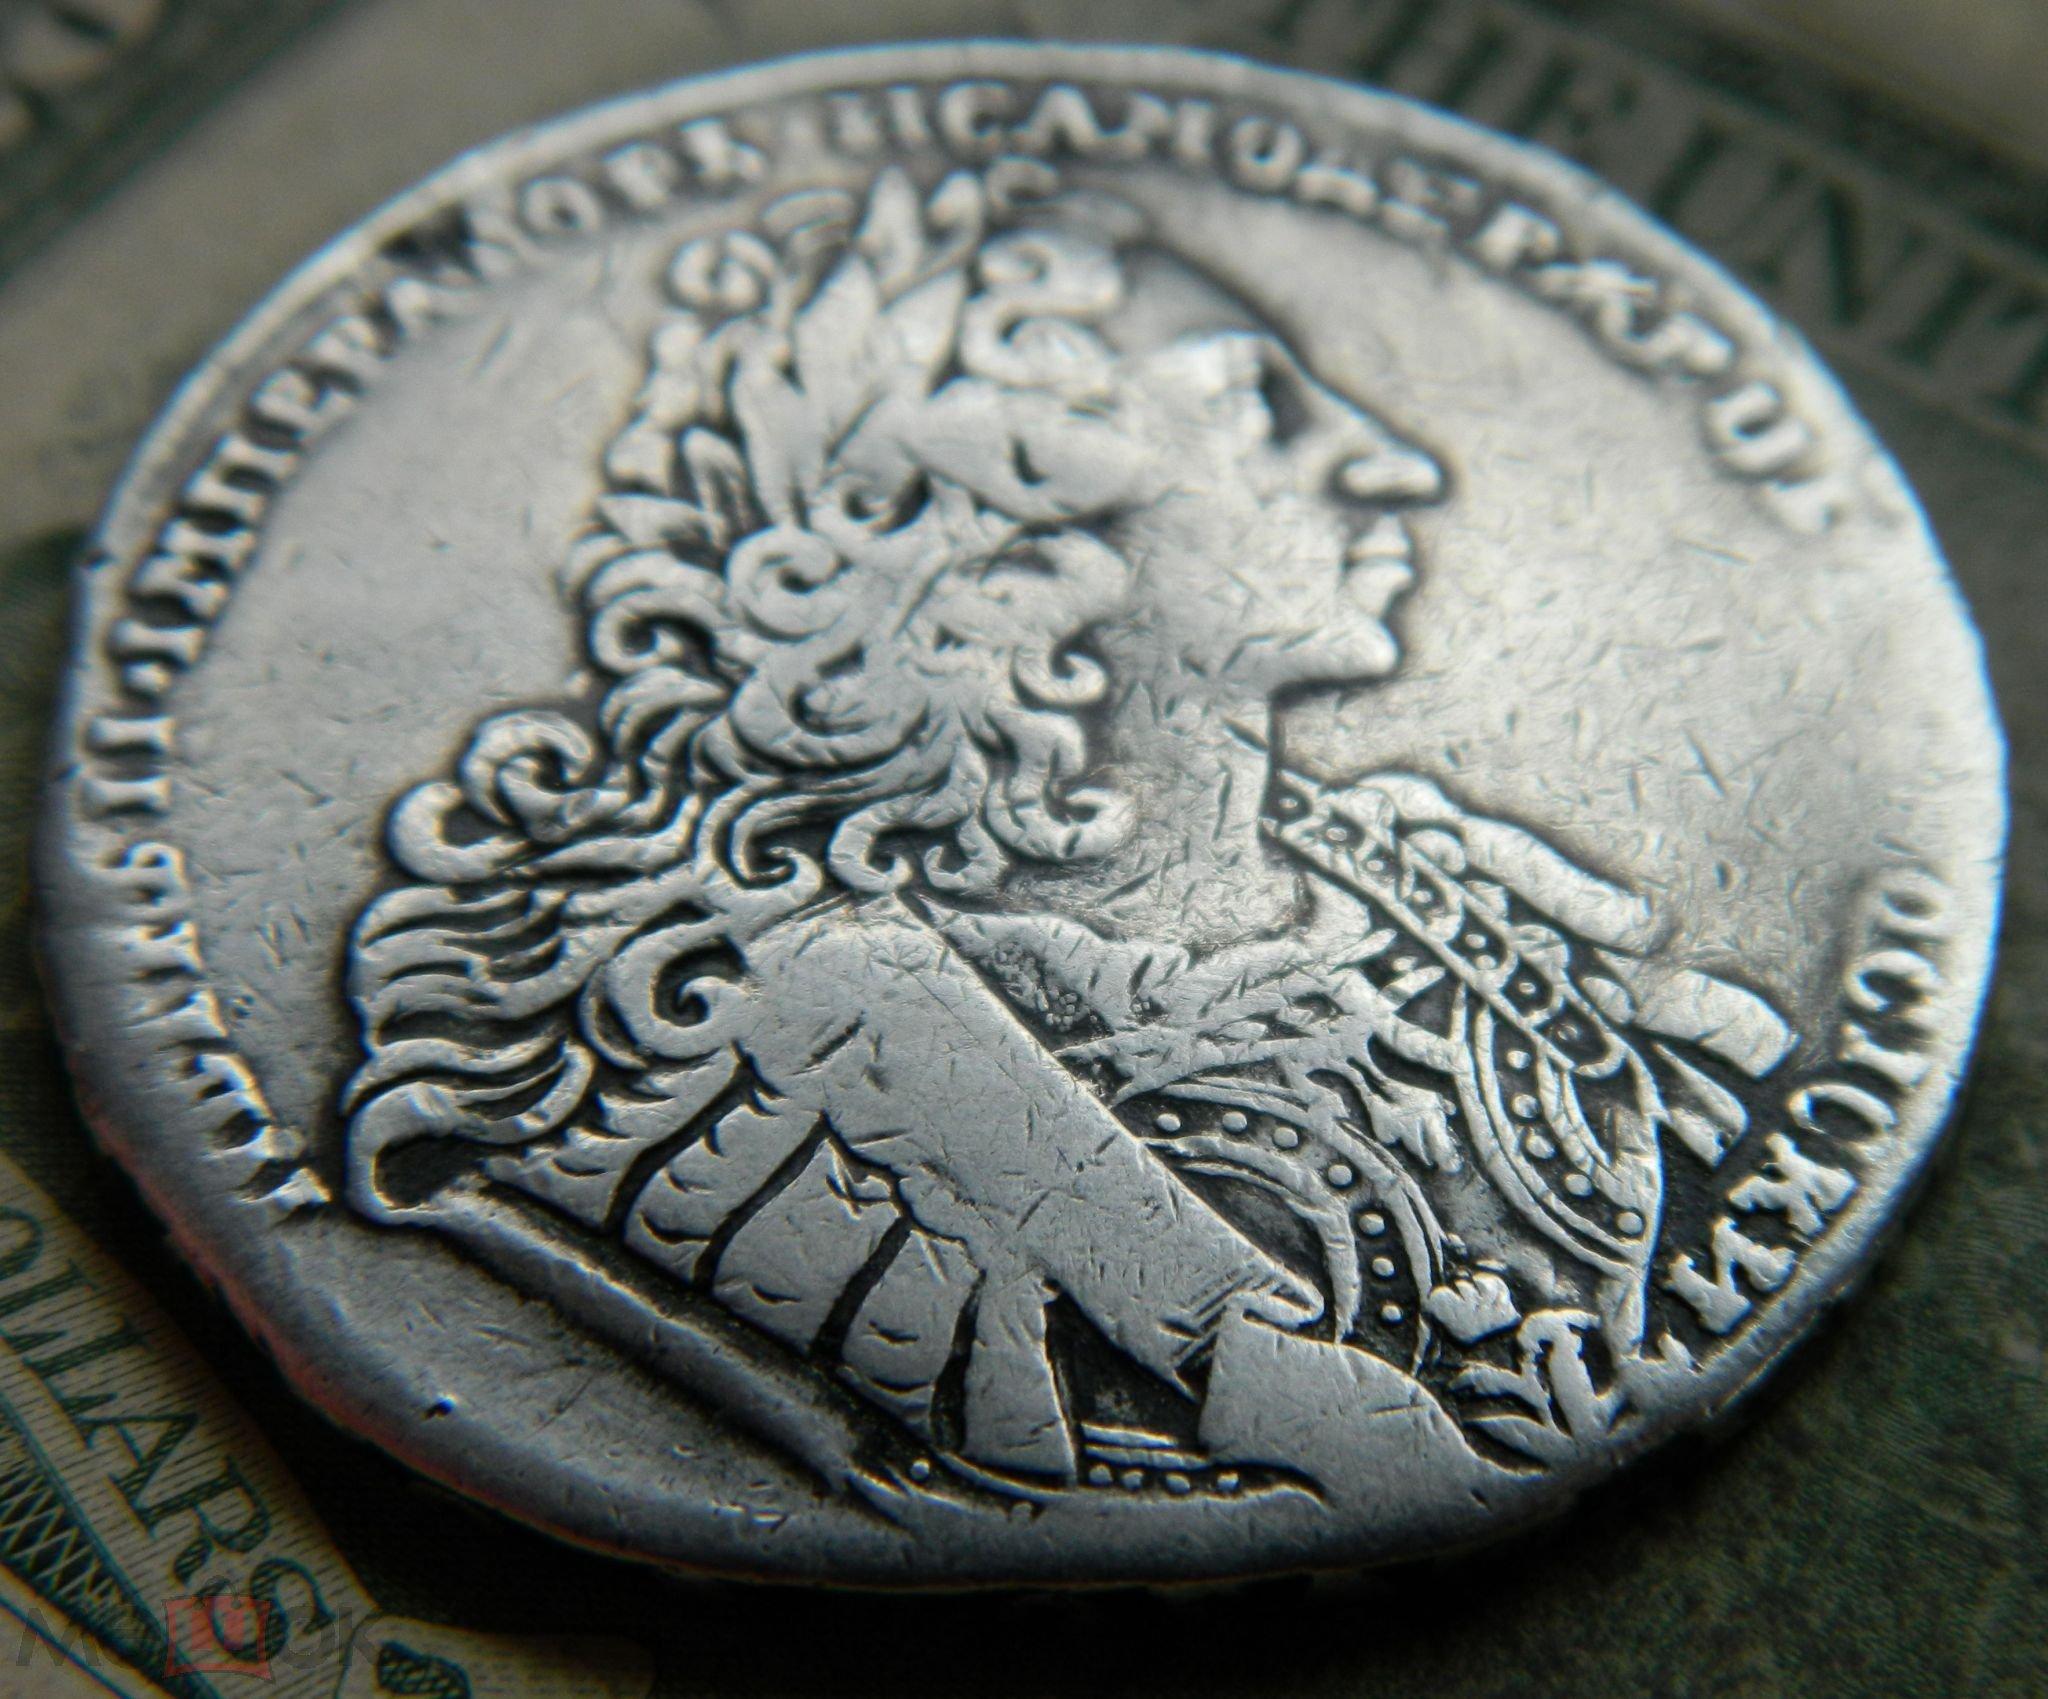 ЦАРСКАЯ РОССИЯ СЕРЕБРО 1 рубль 1729г. ОРИГИНАЛ 100%. ТОРГ С 1 РУБЛЯ.